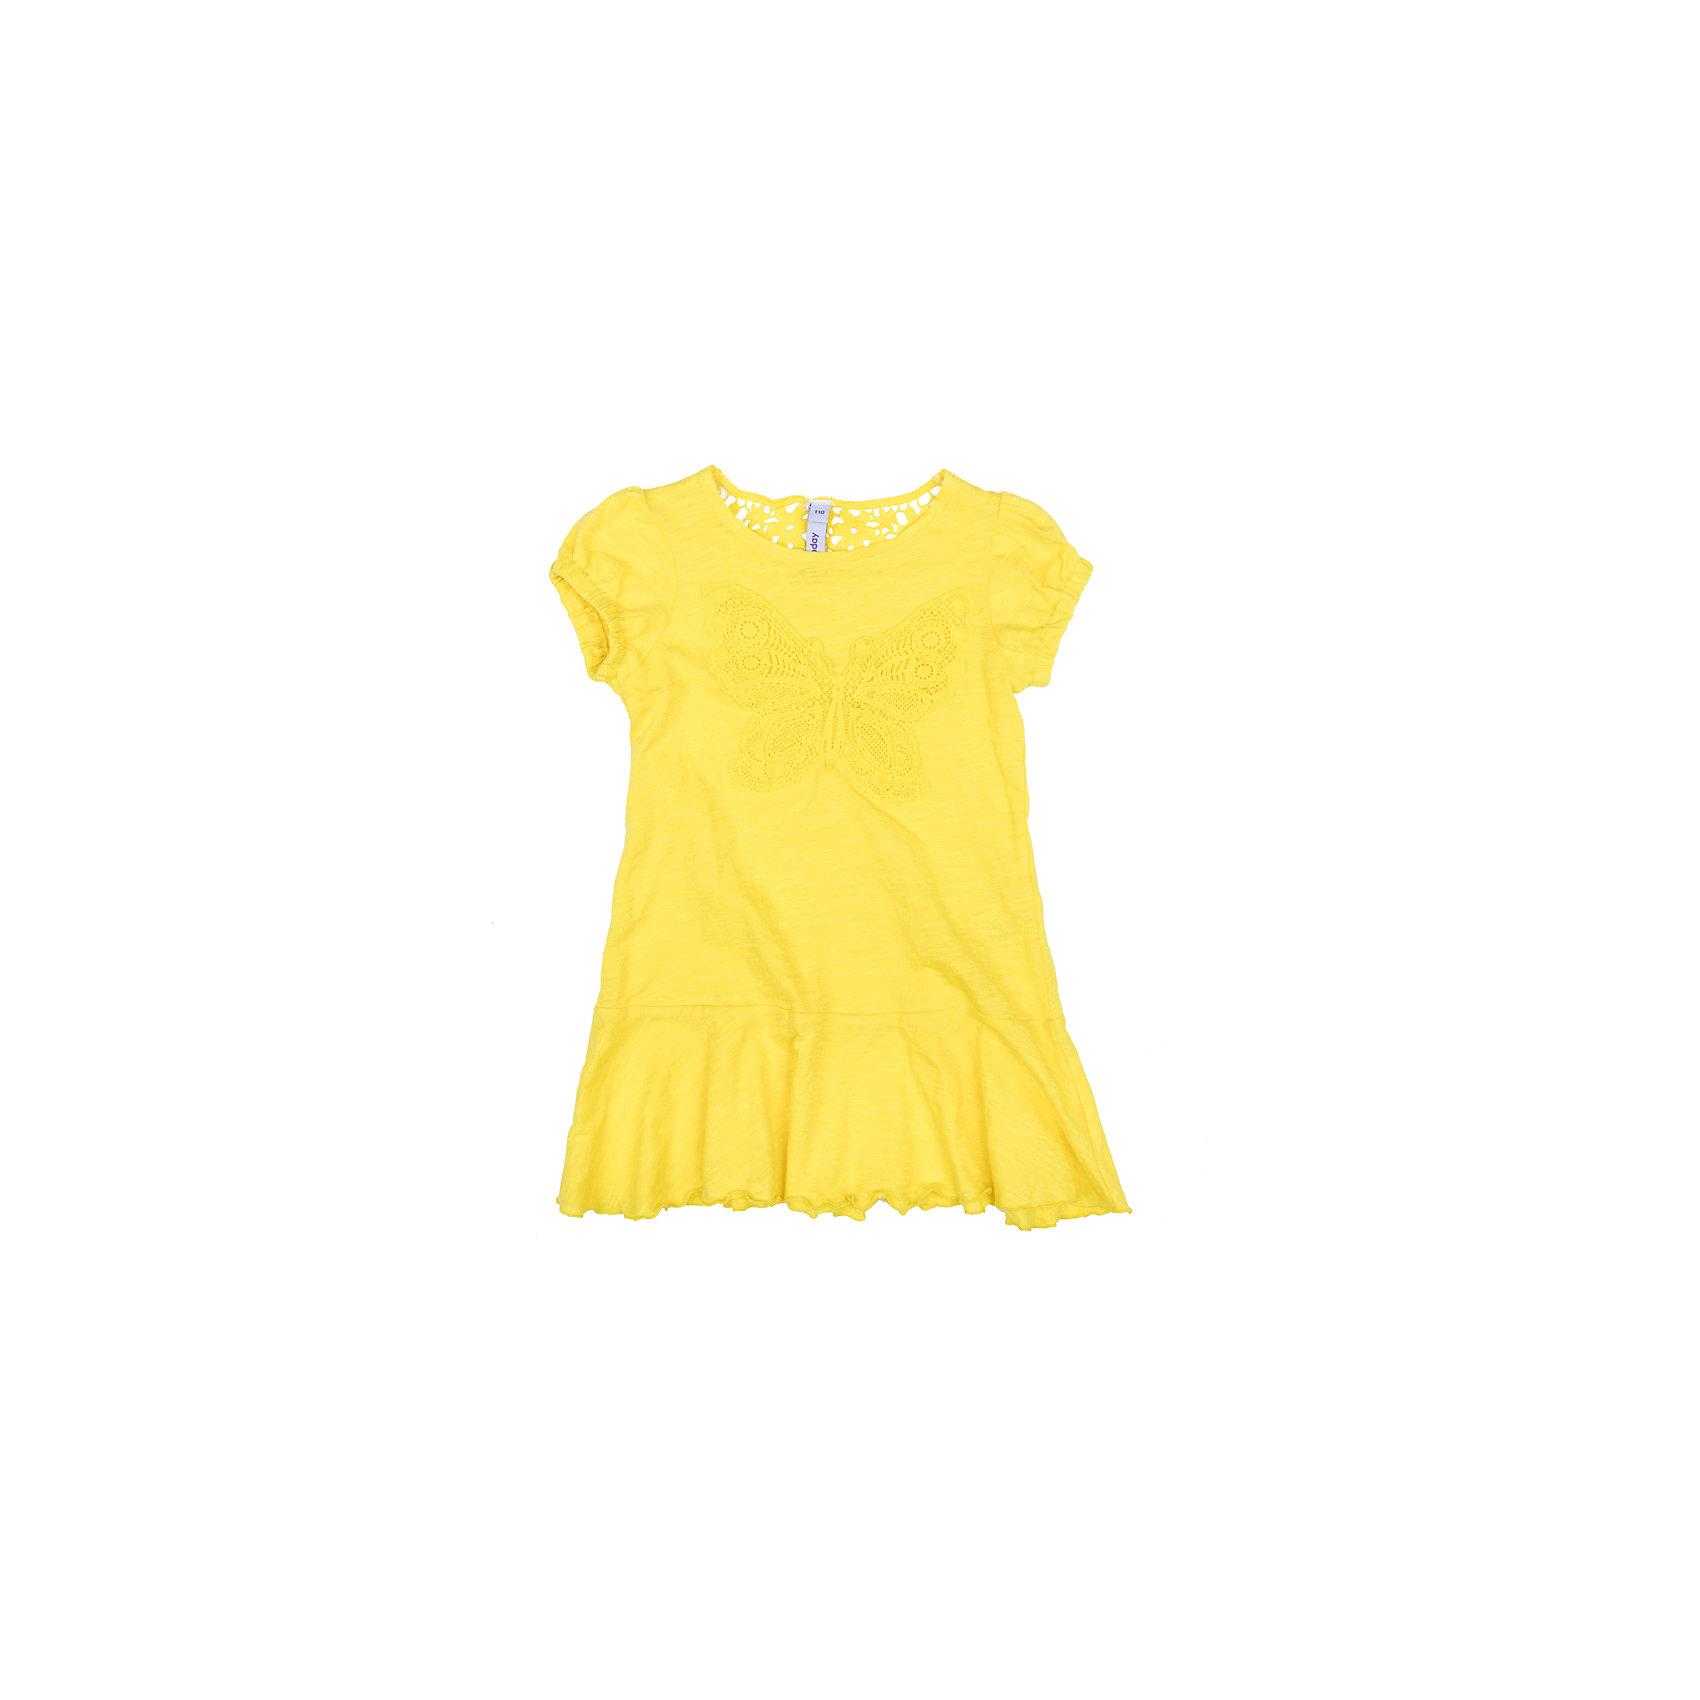 Платье для девочки PlayTodayПлатья и сарафаны<br>Платье для девочки PlayToday<br>Эффектное платье насыщенного цвета из натурального хлопка сможет быть прекрасным дополнением летнего детского гардероба. Модель с заниженной юбкой, на рукавах - фонариках мягкие резинки. Платье на спине декорированно эффектным шитьем, впереди - нежная аппликация.<br>Состав:<br>100% хлопок<br><br>Ширина мм: 236<br>Глубина мм: 16<br>Высота мм: 184<br>Вес г: 177<br>Цвет: желтый<br>Возраст от месяцев: 84<br>Возраст до месяцев: 96<br>Пол: Женский<br>Возраст: Детский<br>Размер: 128,98,104,110,116,122<br>SKU: 5404508